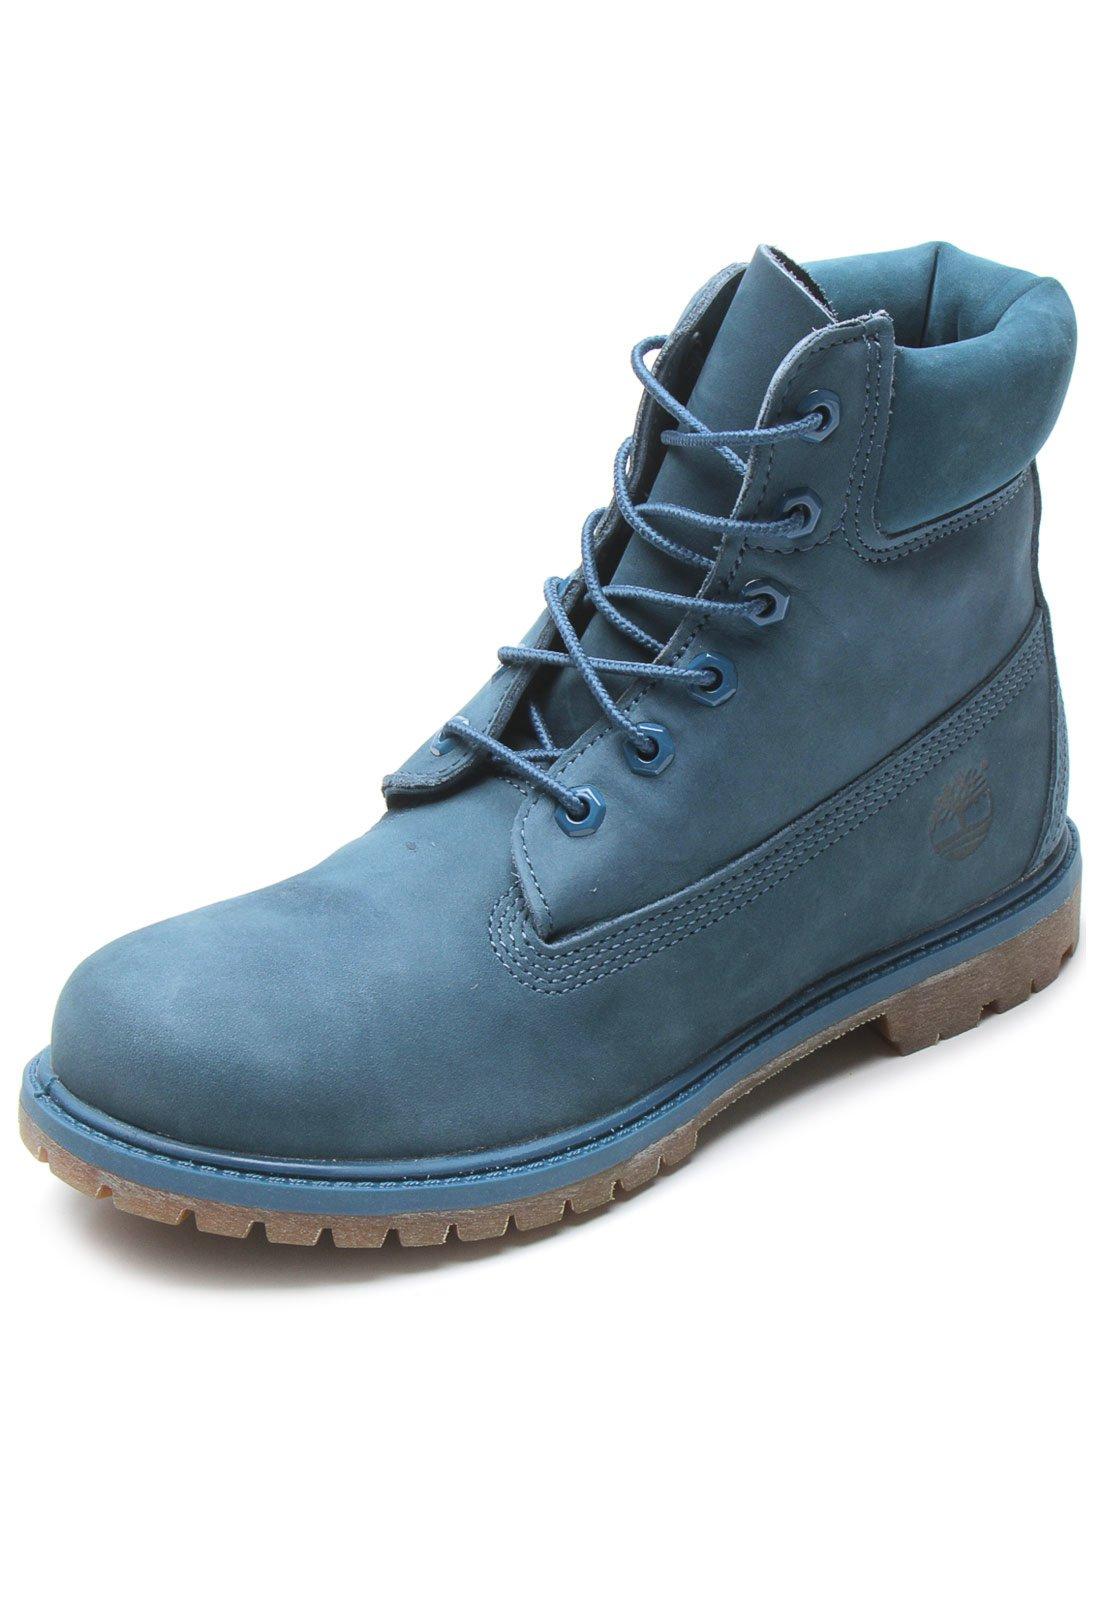 a43f09c48d9 Bota Timberland Yellow Boot 6 Premium WP W Azul - Compre Agora ...